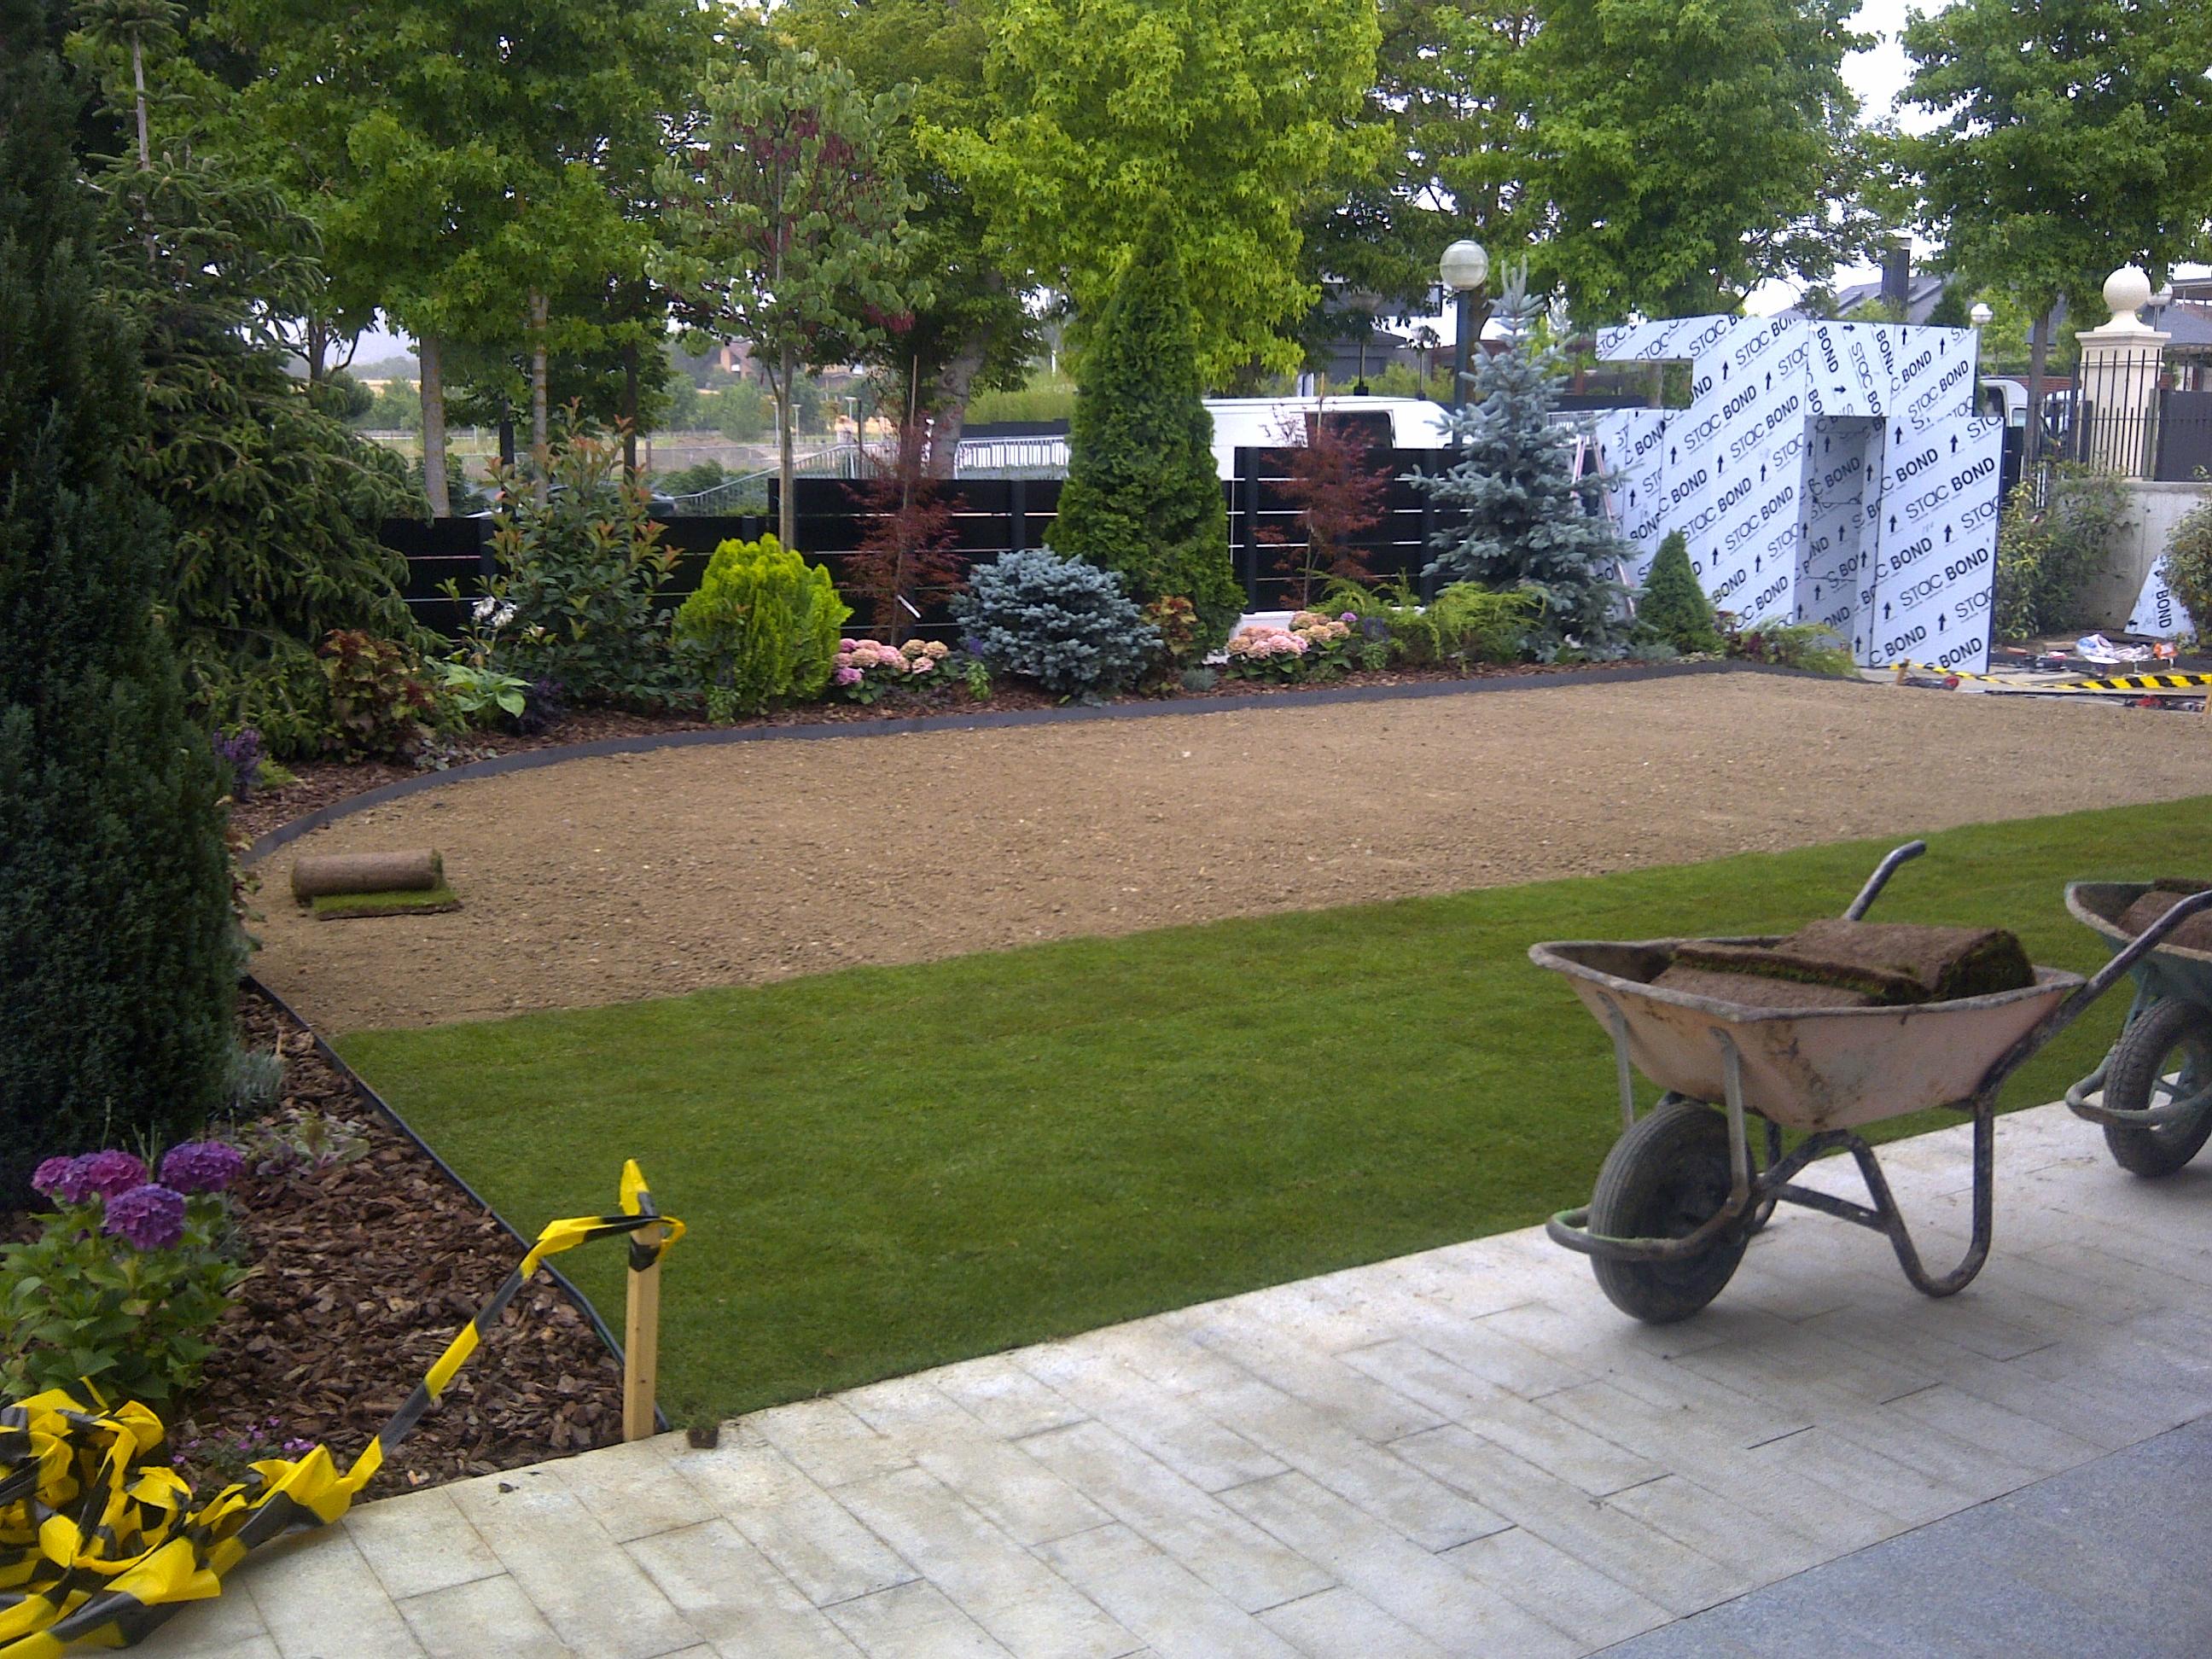 Creaci n de jardines espacios verdes for Creacion de jardines